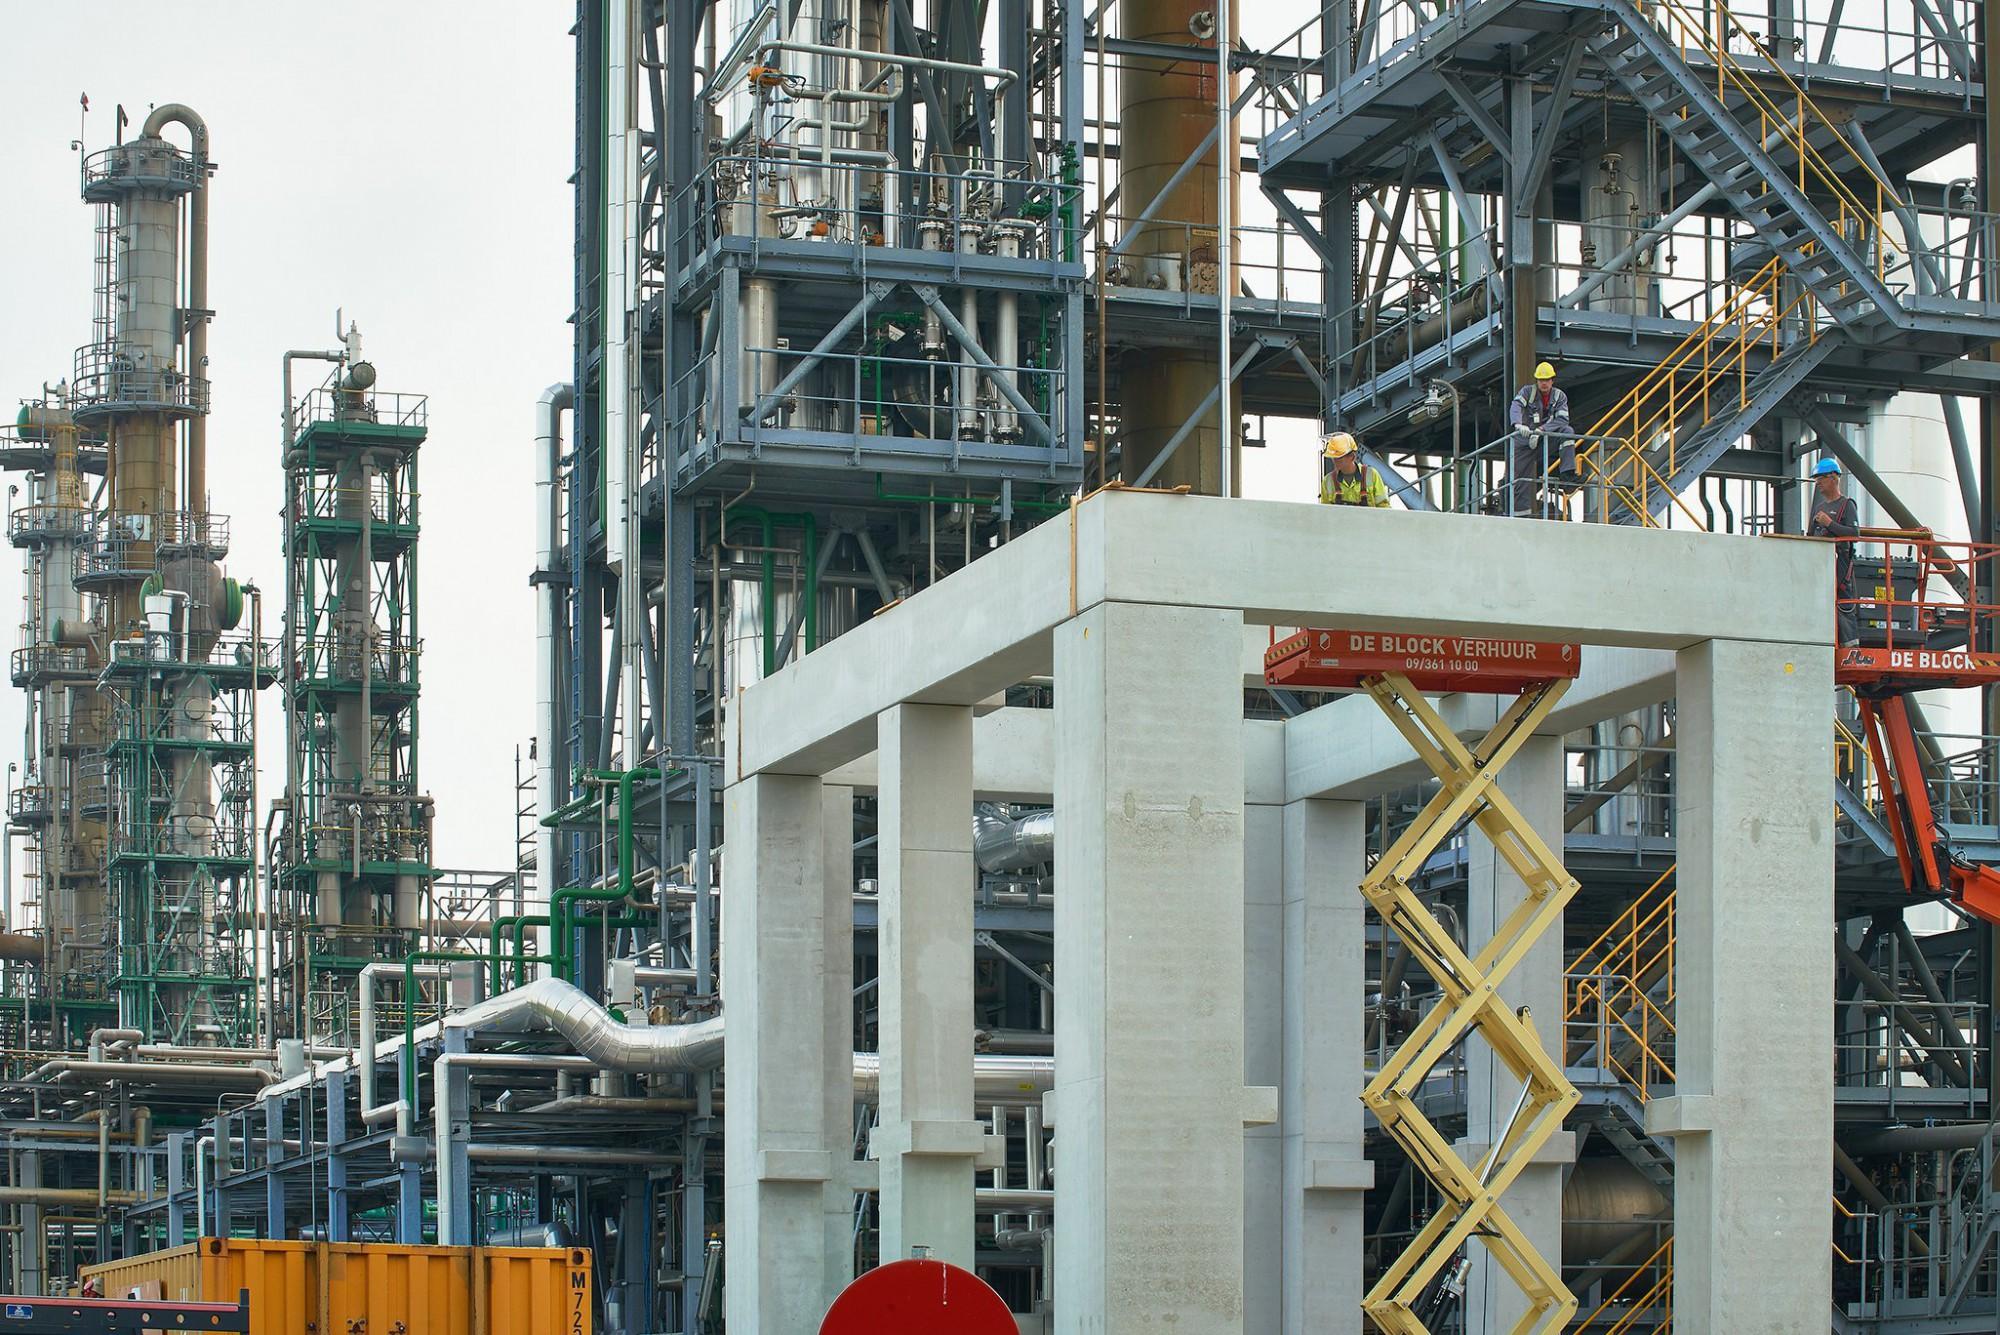 Afbeelding: Werfopvolging voor Mourik, fotografie industrie bedrijf haven Foto Van Huffel Antwerpen.